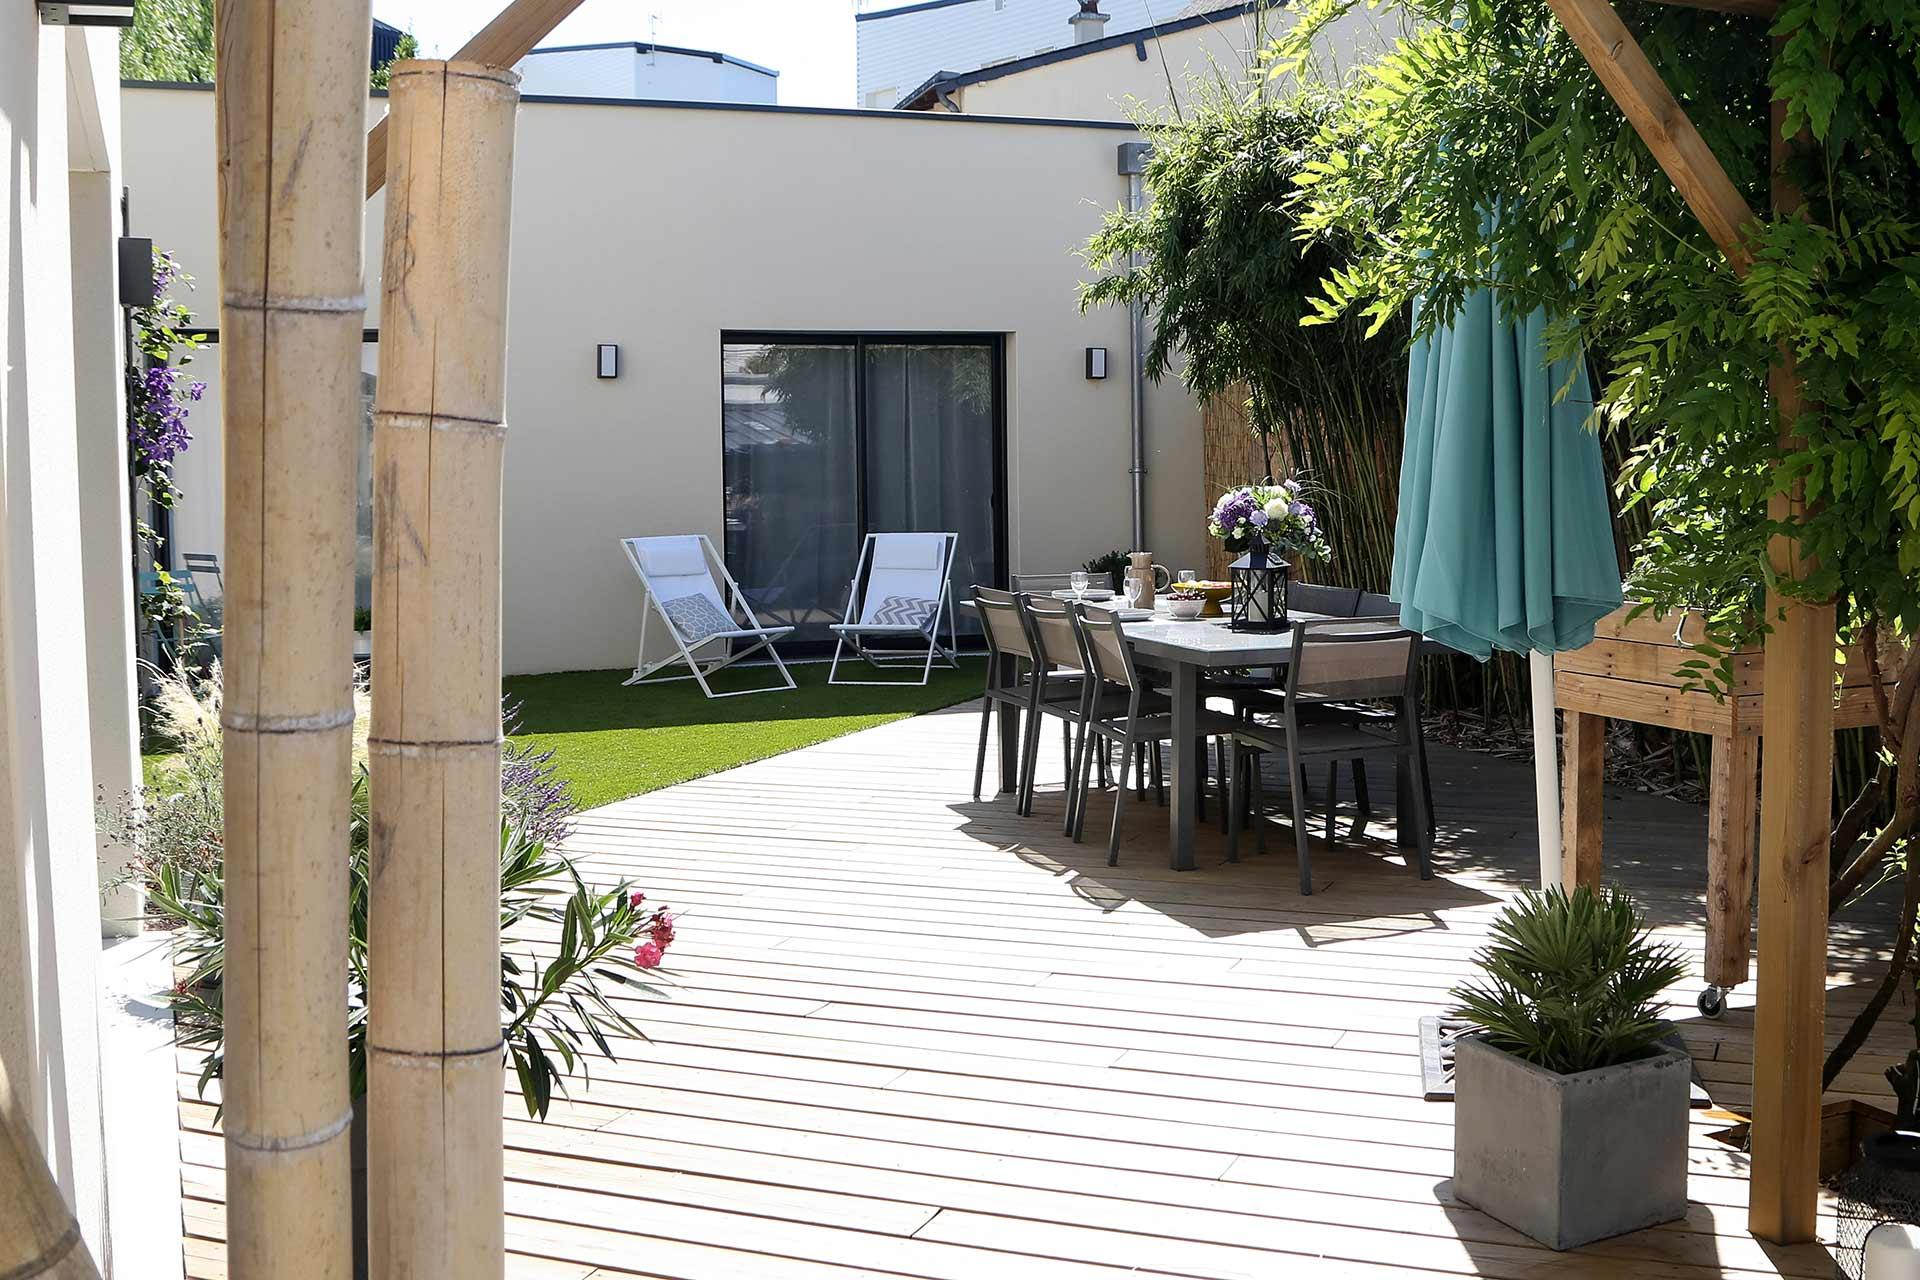 Entreprise du paysage, Serrault Jardins réalise des jardins sur-mesure dans diverses communes comme Saint-Martin-le-Beau.